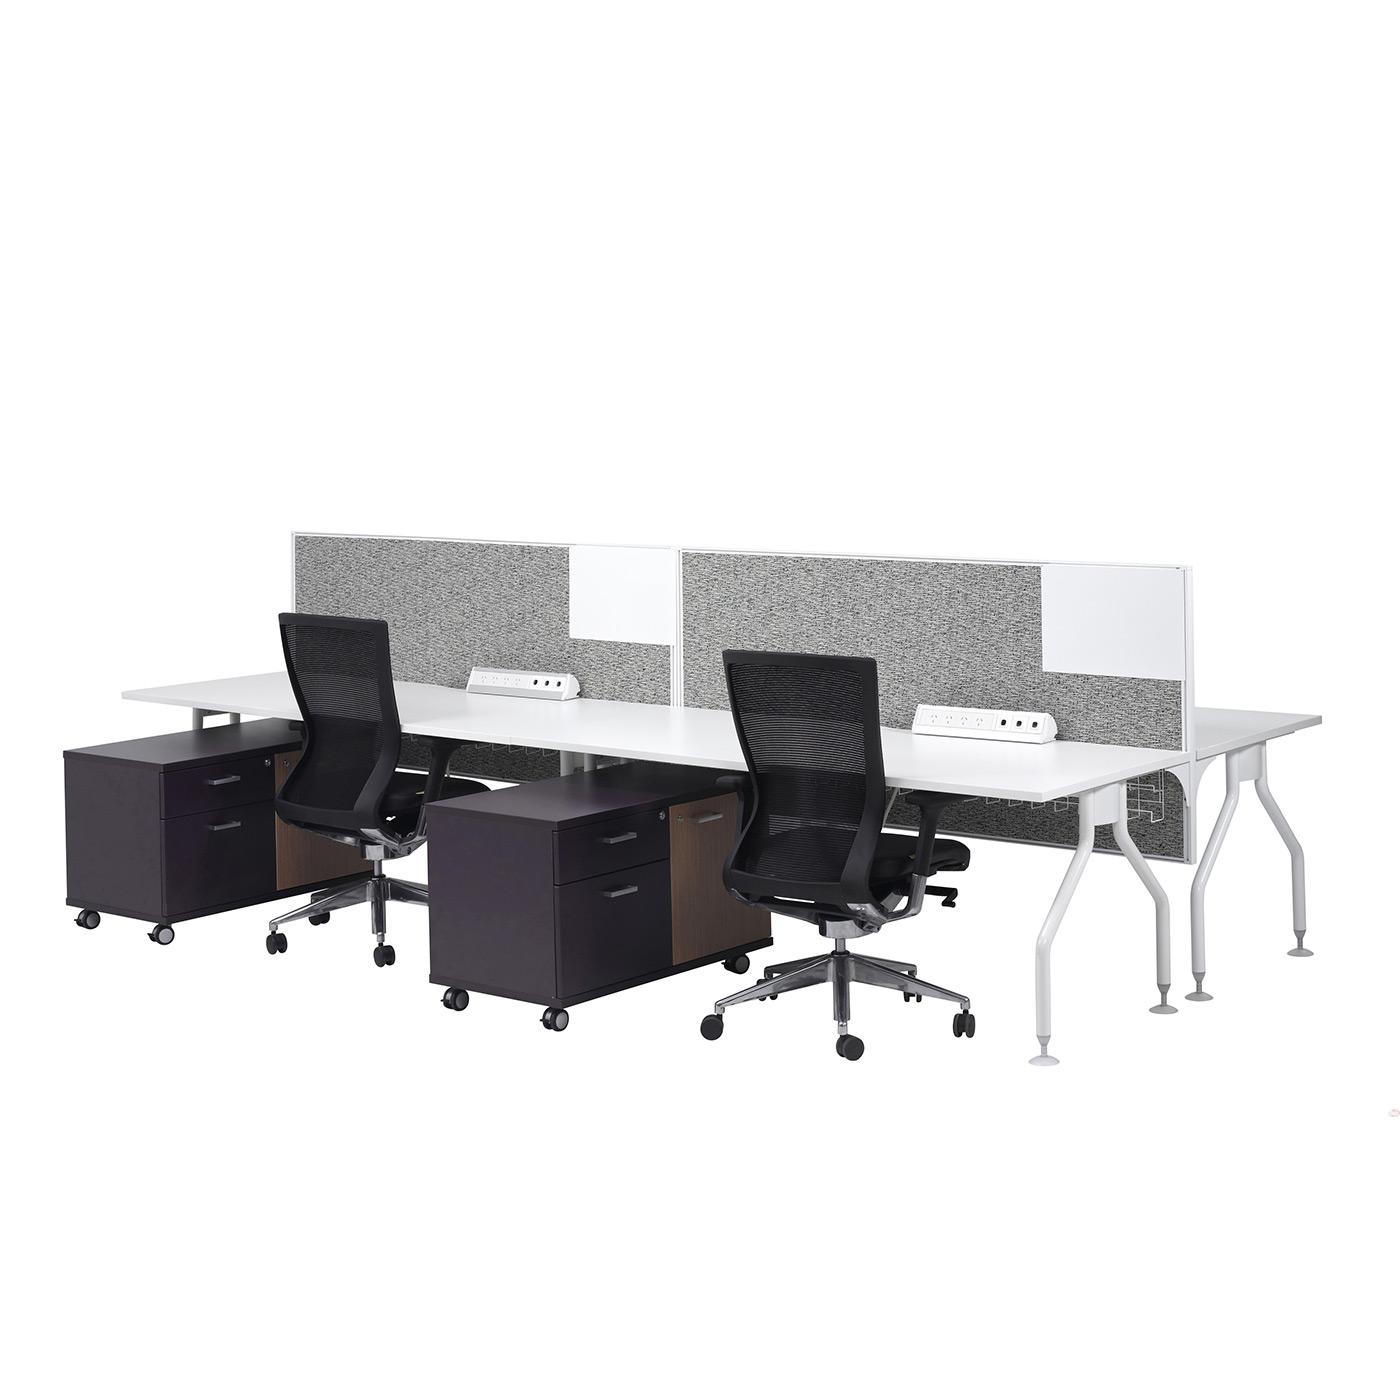 smart desk 4 person straight cluster